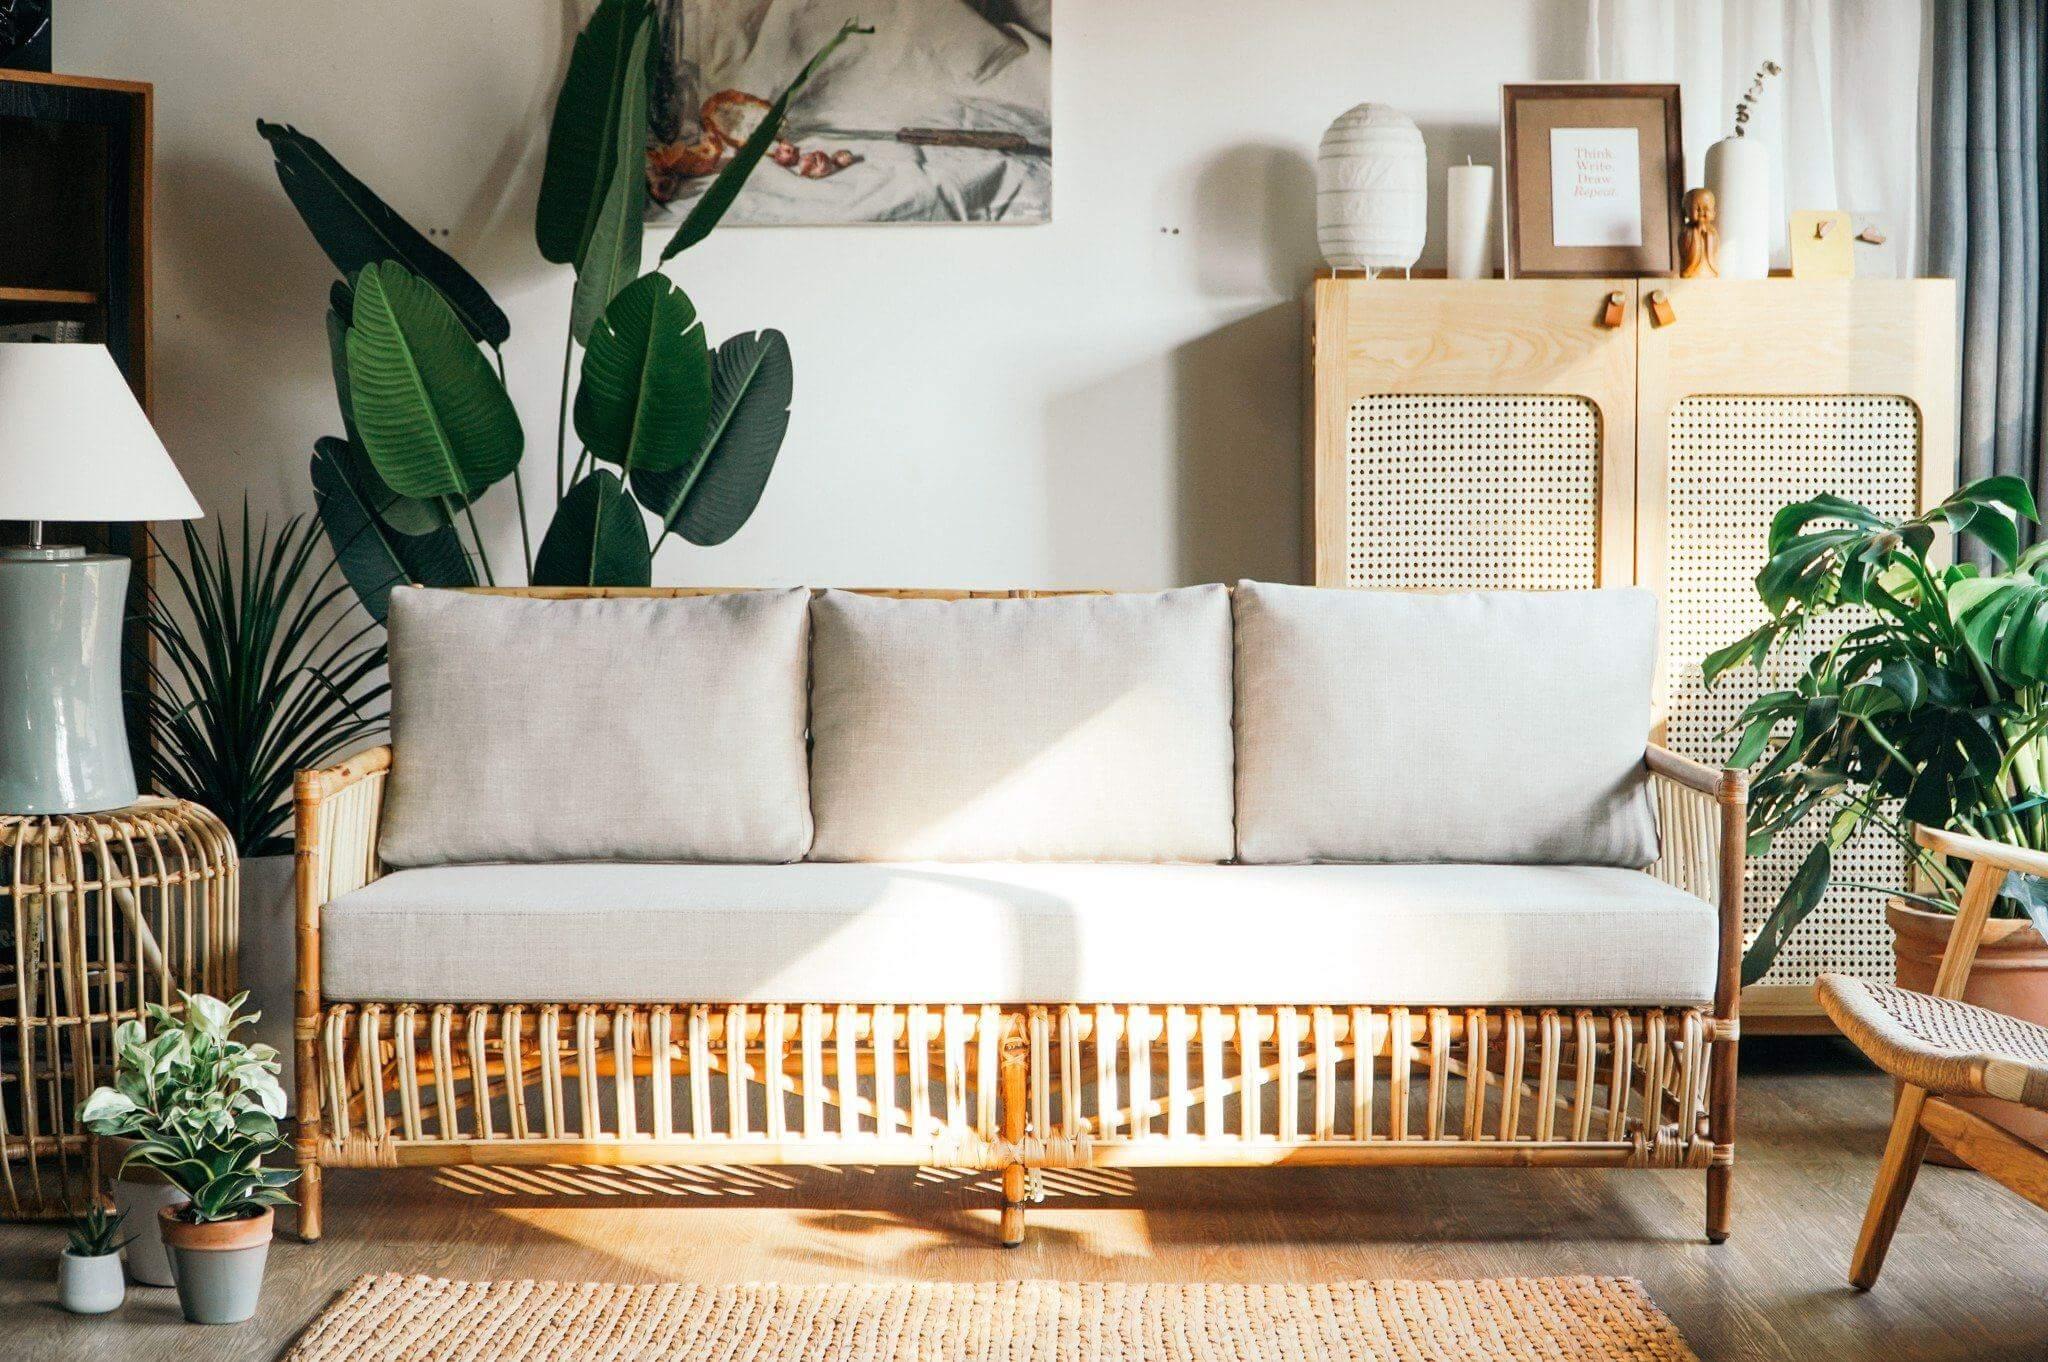 Chúng ta không nên tự làm quá nhiều đồ nội thất handmade giảm thiểu tối đa rủi ro hỏng hóc, lãng phí nguyên liệu (Nguồn: Internet)